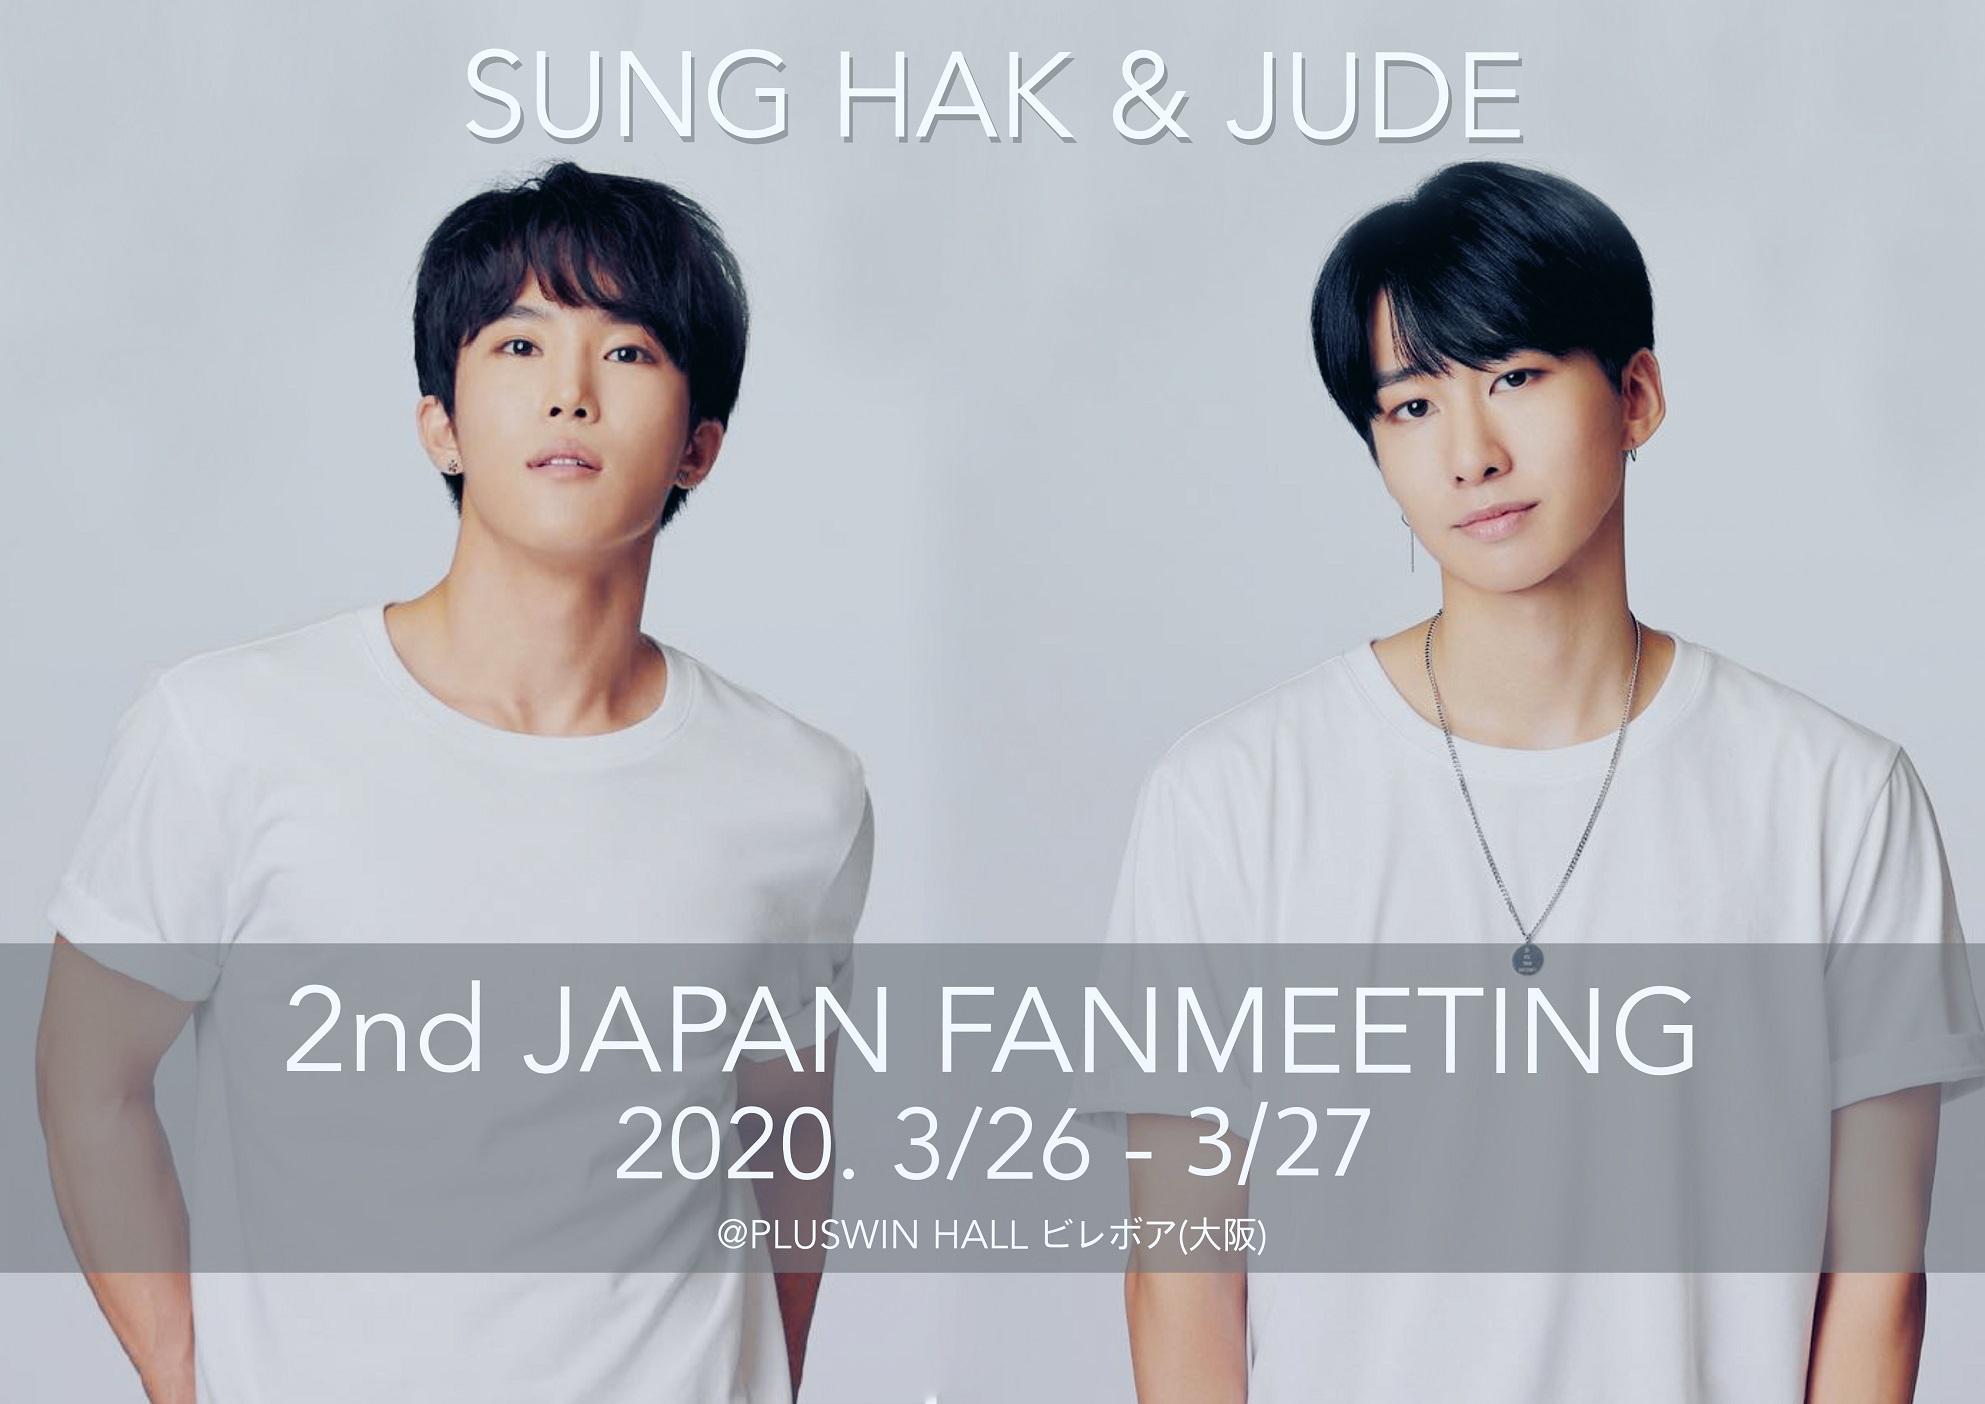 SUNG HAK & JUDE – 2nd Japan Fanmeeting